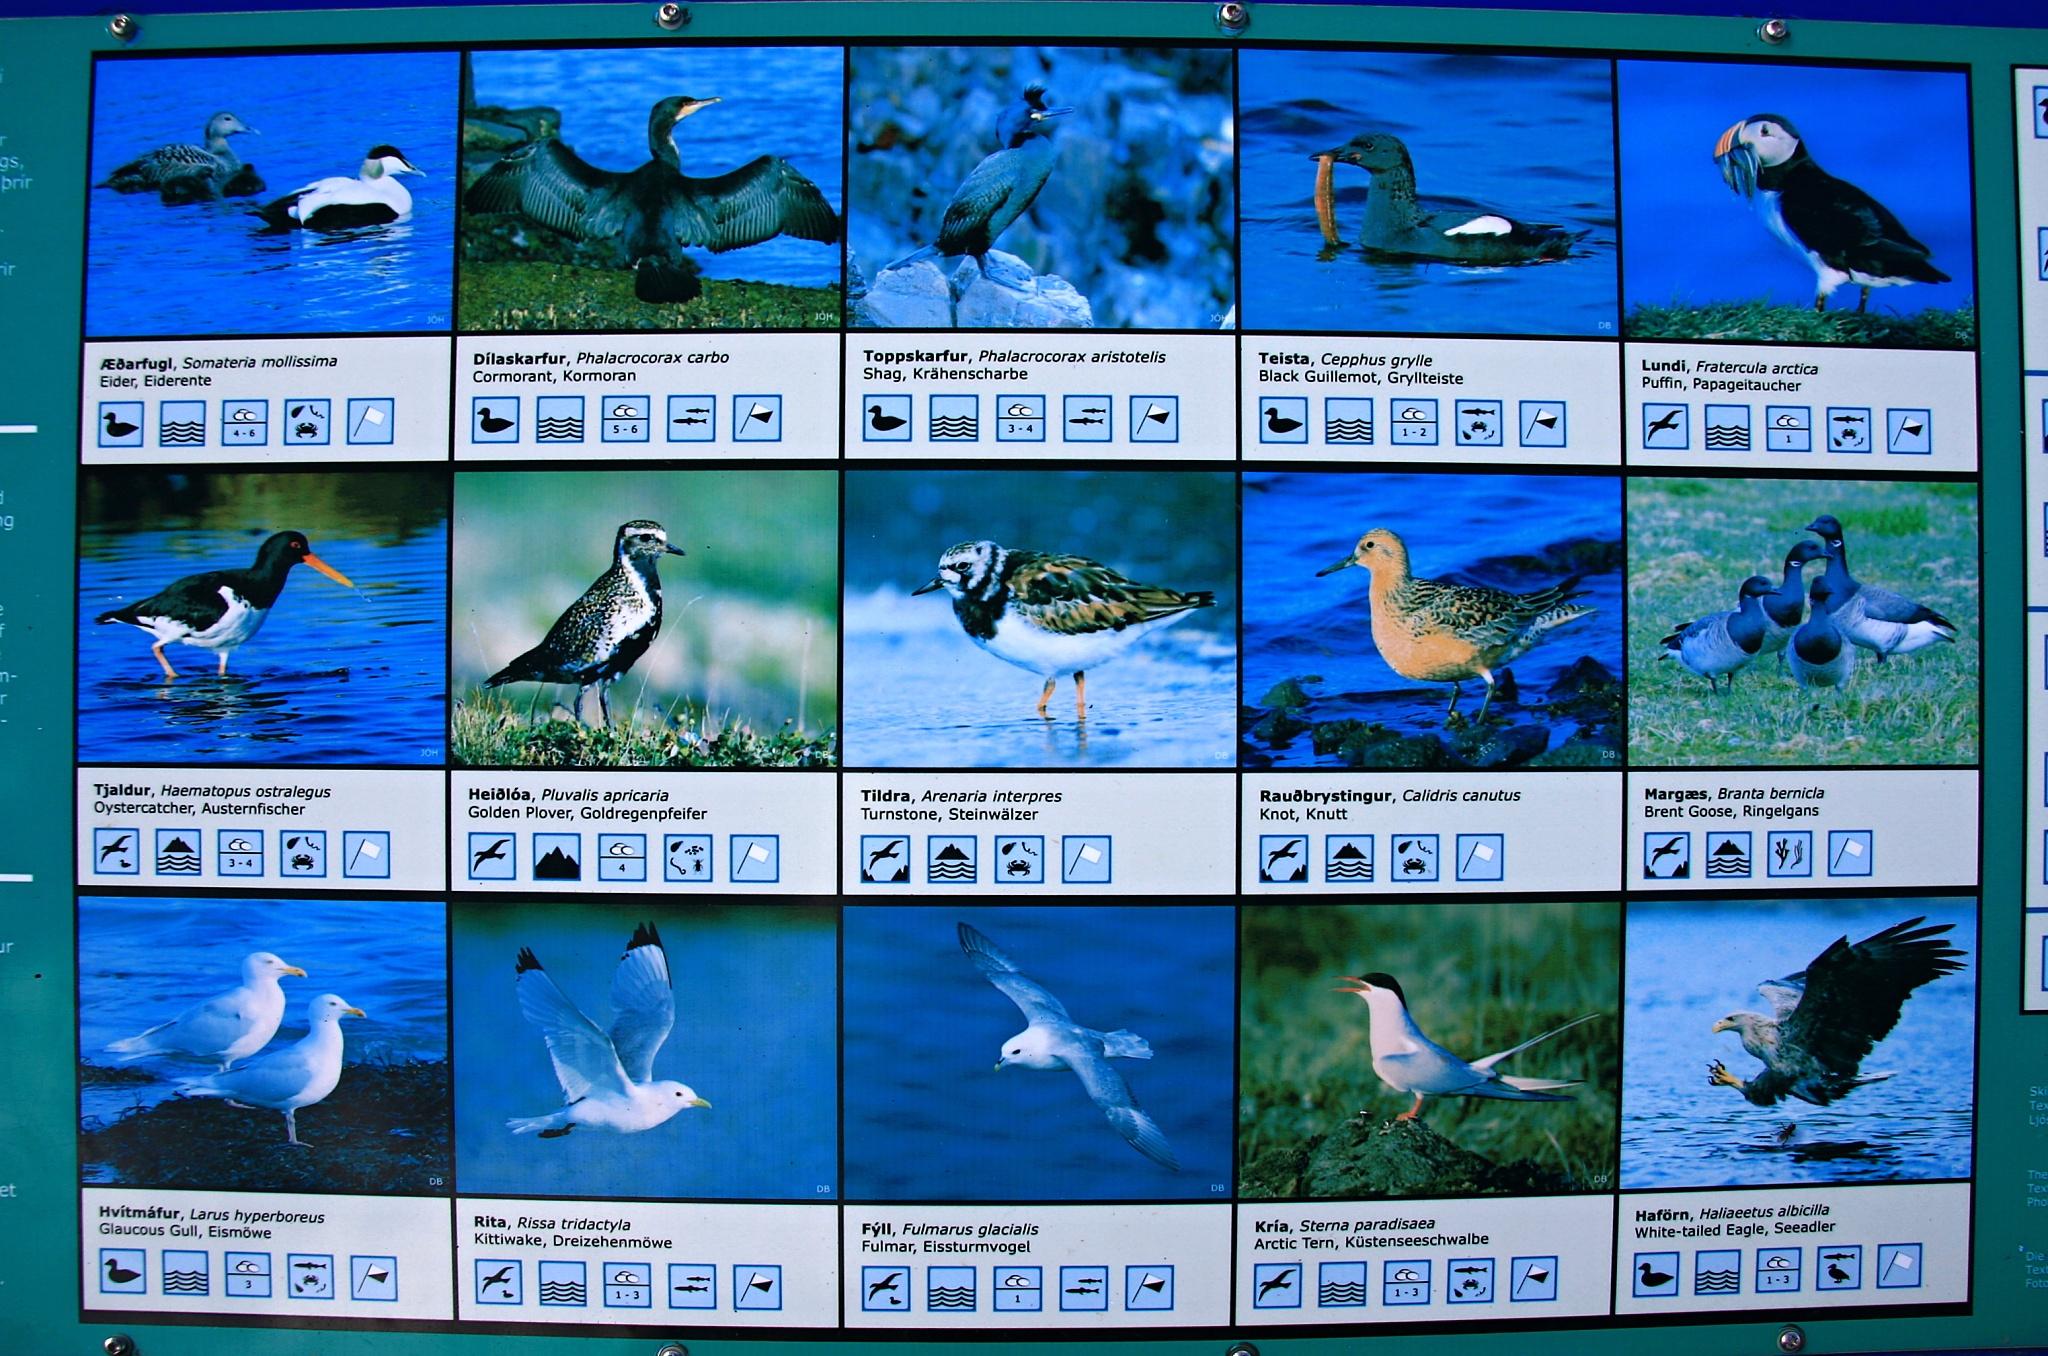 Další ptactvo na Islandu.